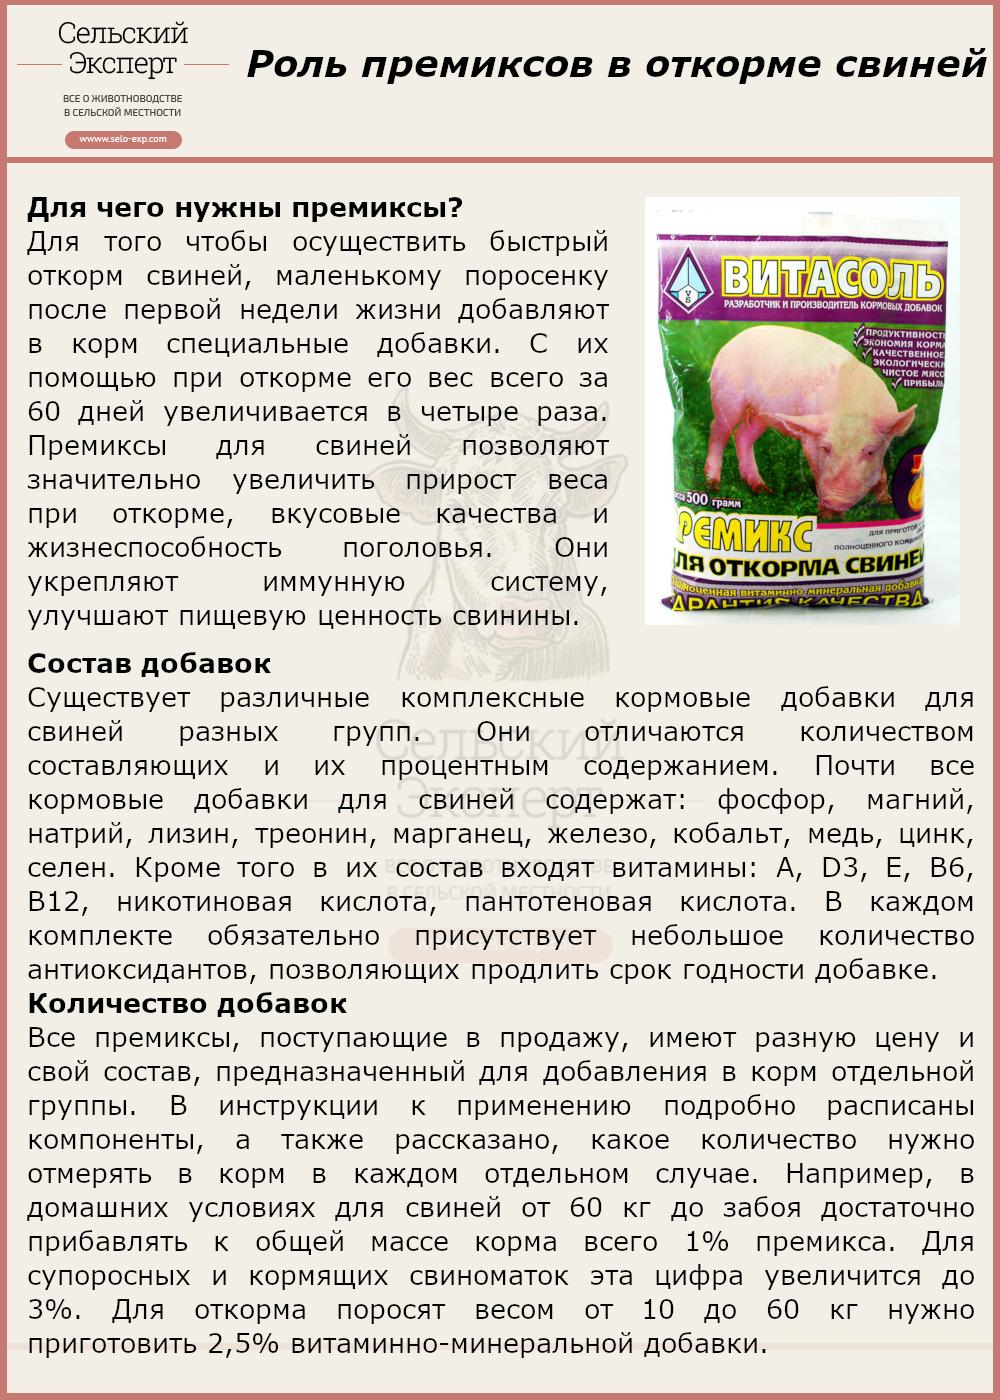 Роль премиксов в откорме свиней